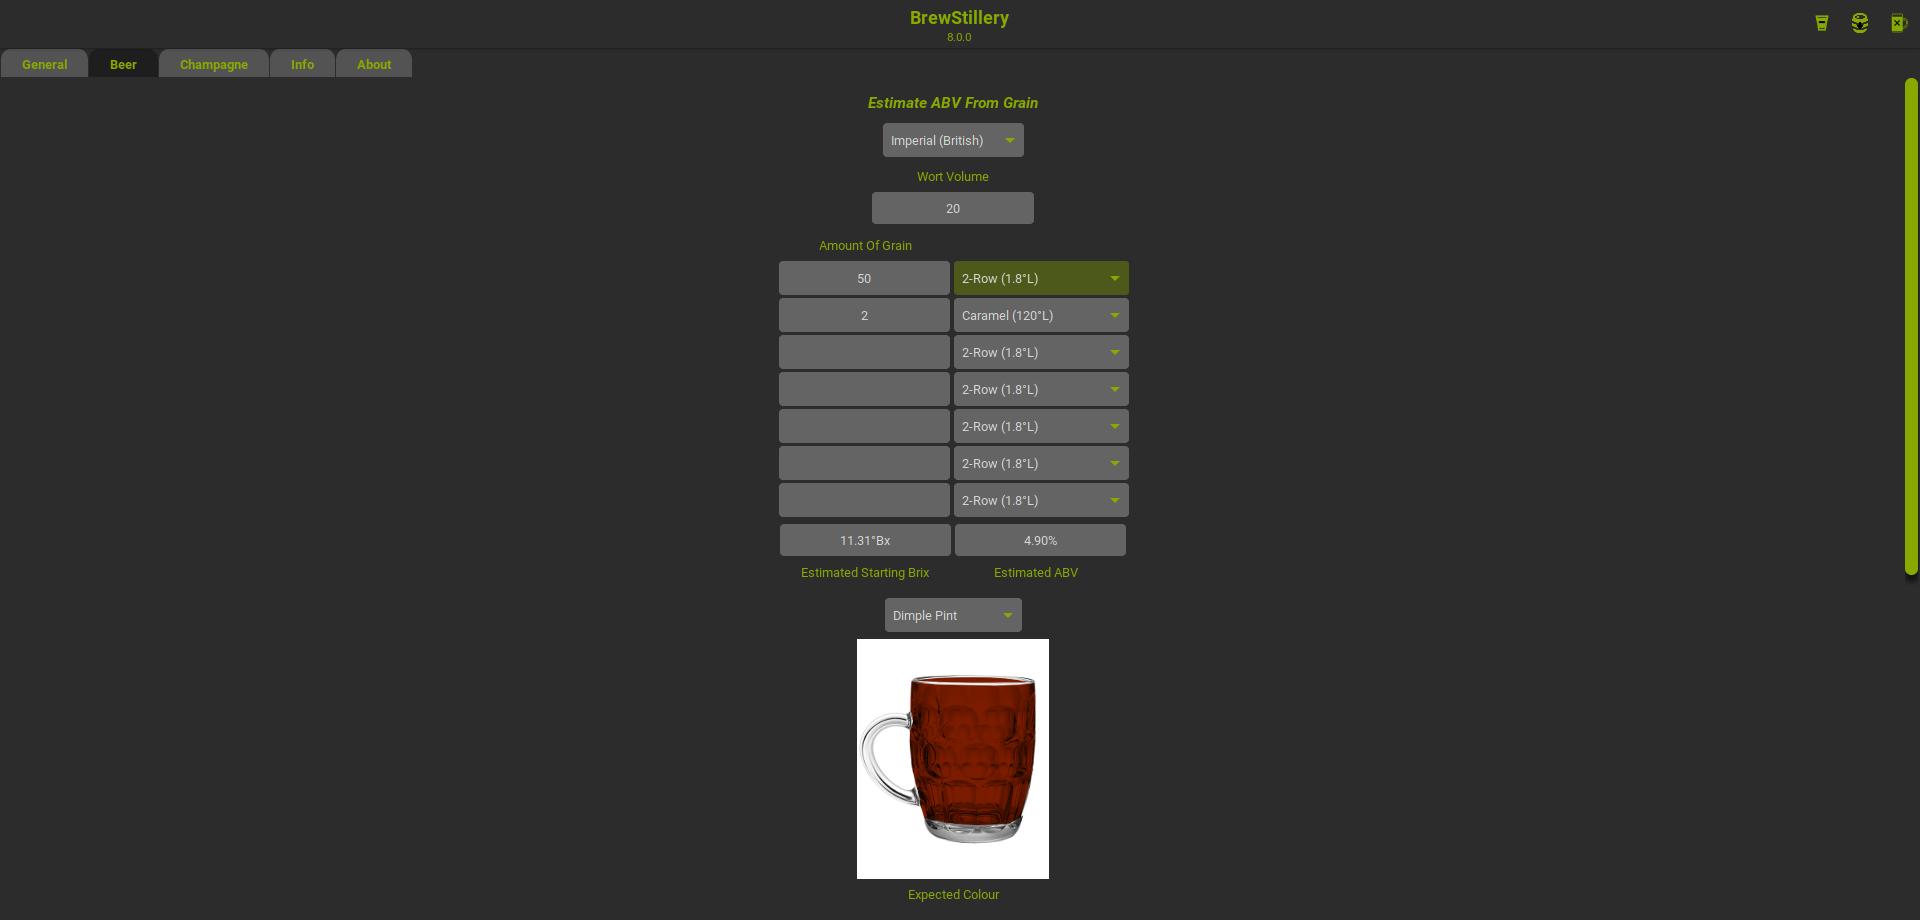 BrewStillery Beer Tab Full Glass